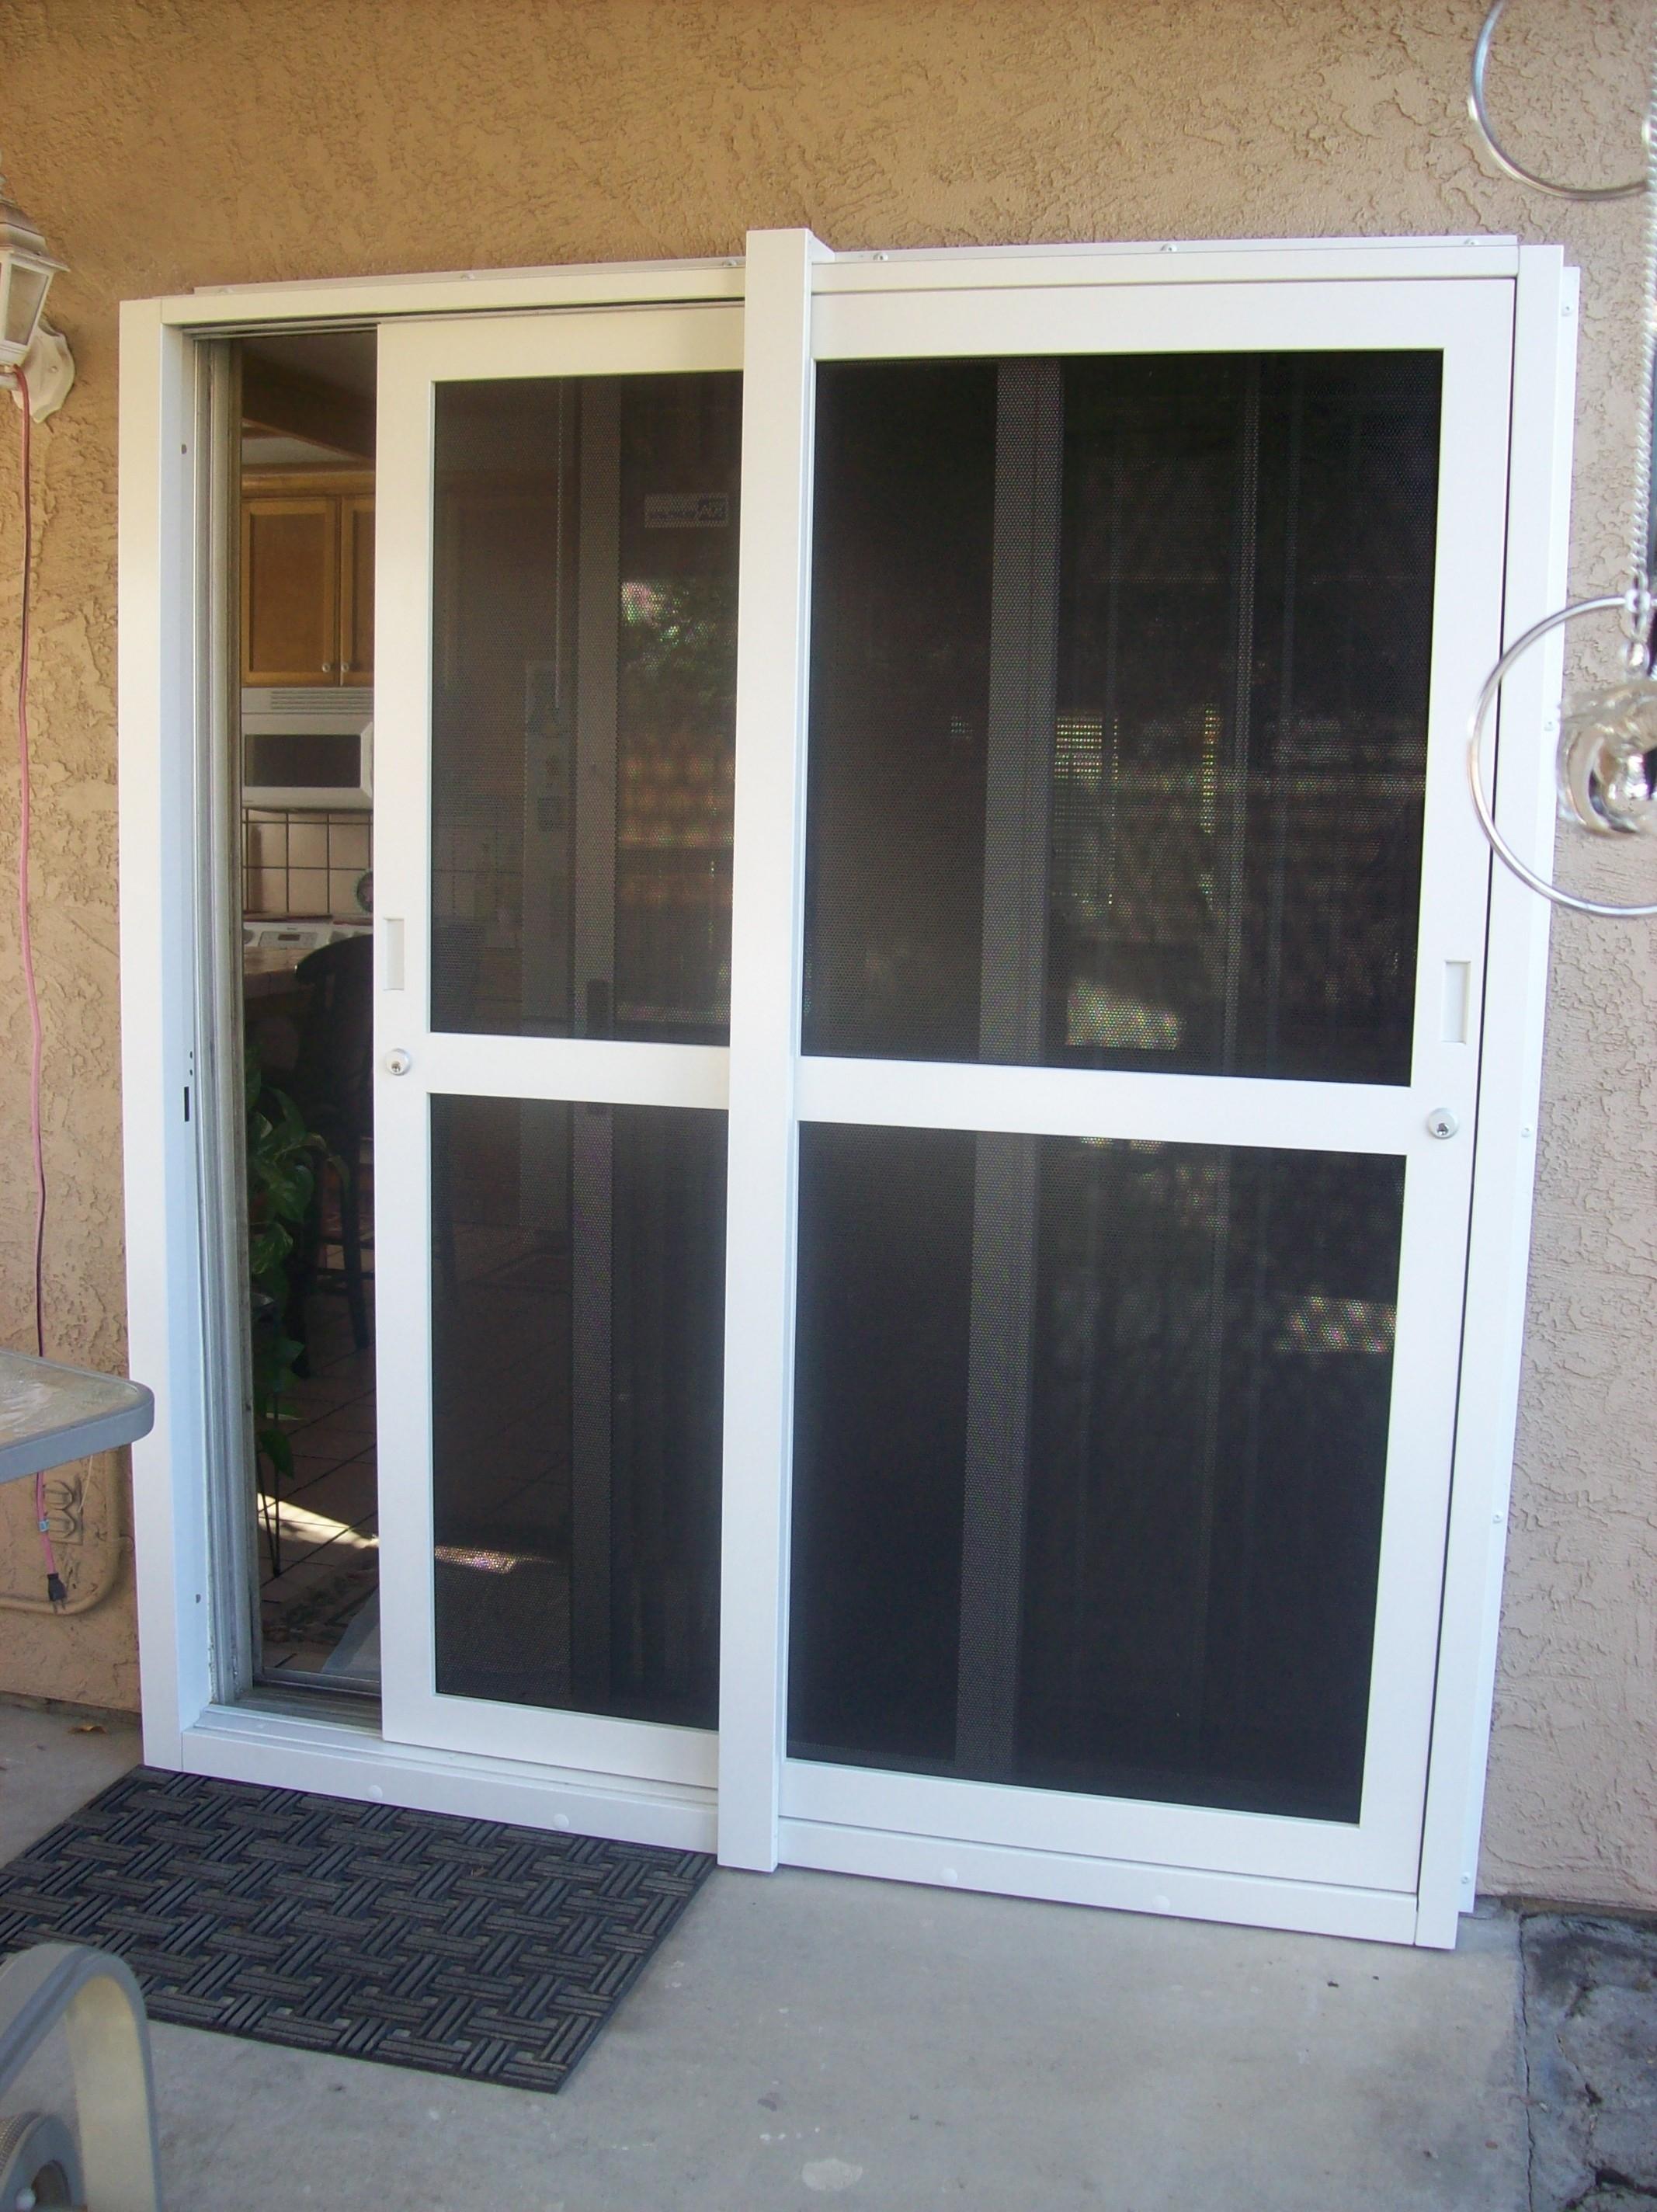 Screen Door With Sliding Storm Windowscreen door with sliding storm window sliding doors ideas